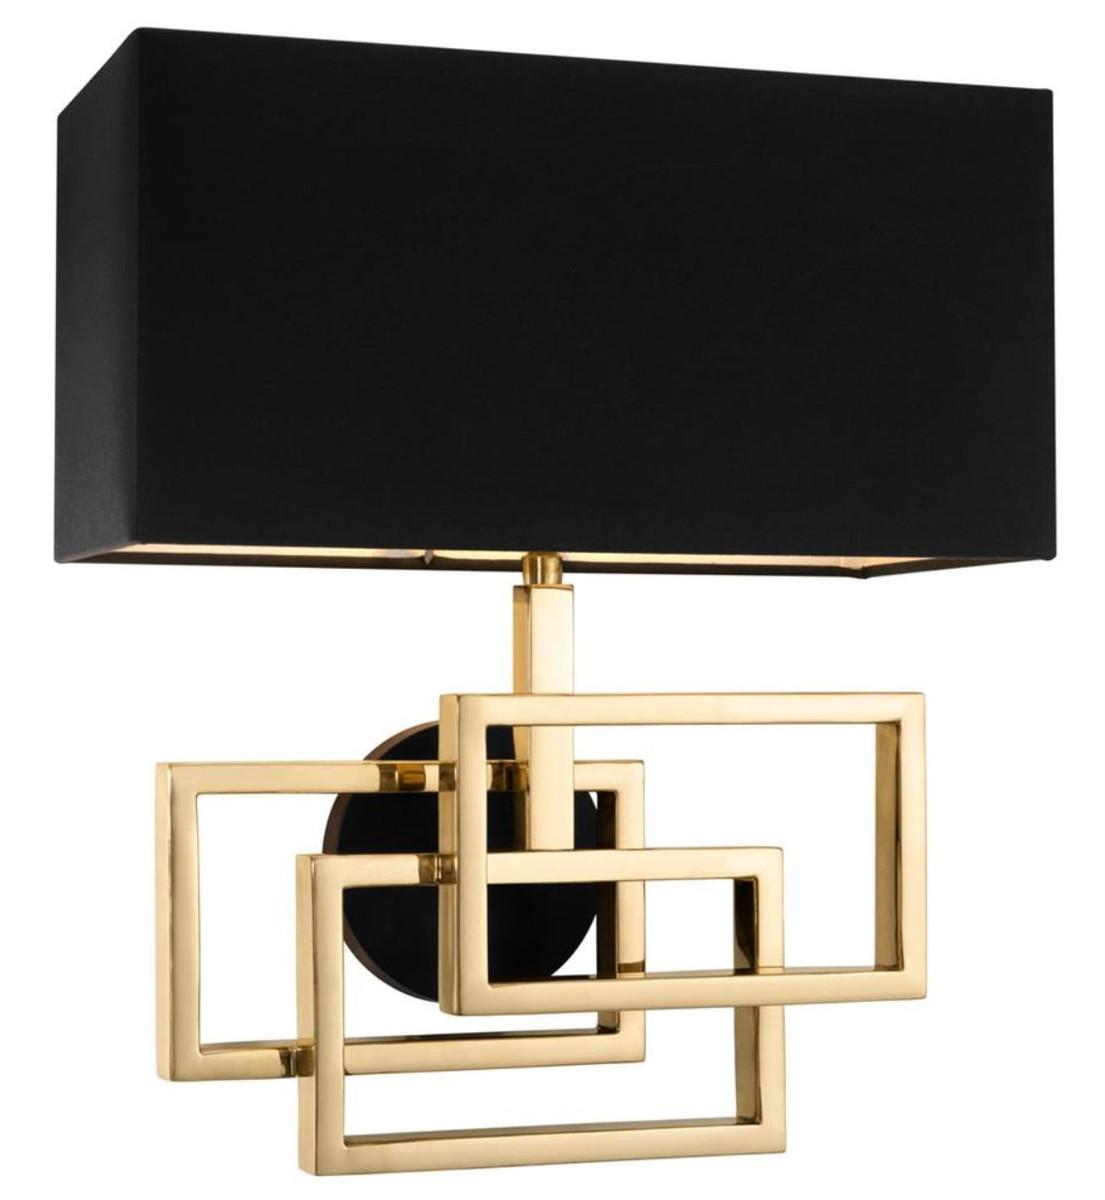 Genial Designer Wandleuchten Das Beste Von Casa Padrino Wandleuchte In Gold Mit Schwarzem